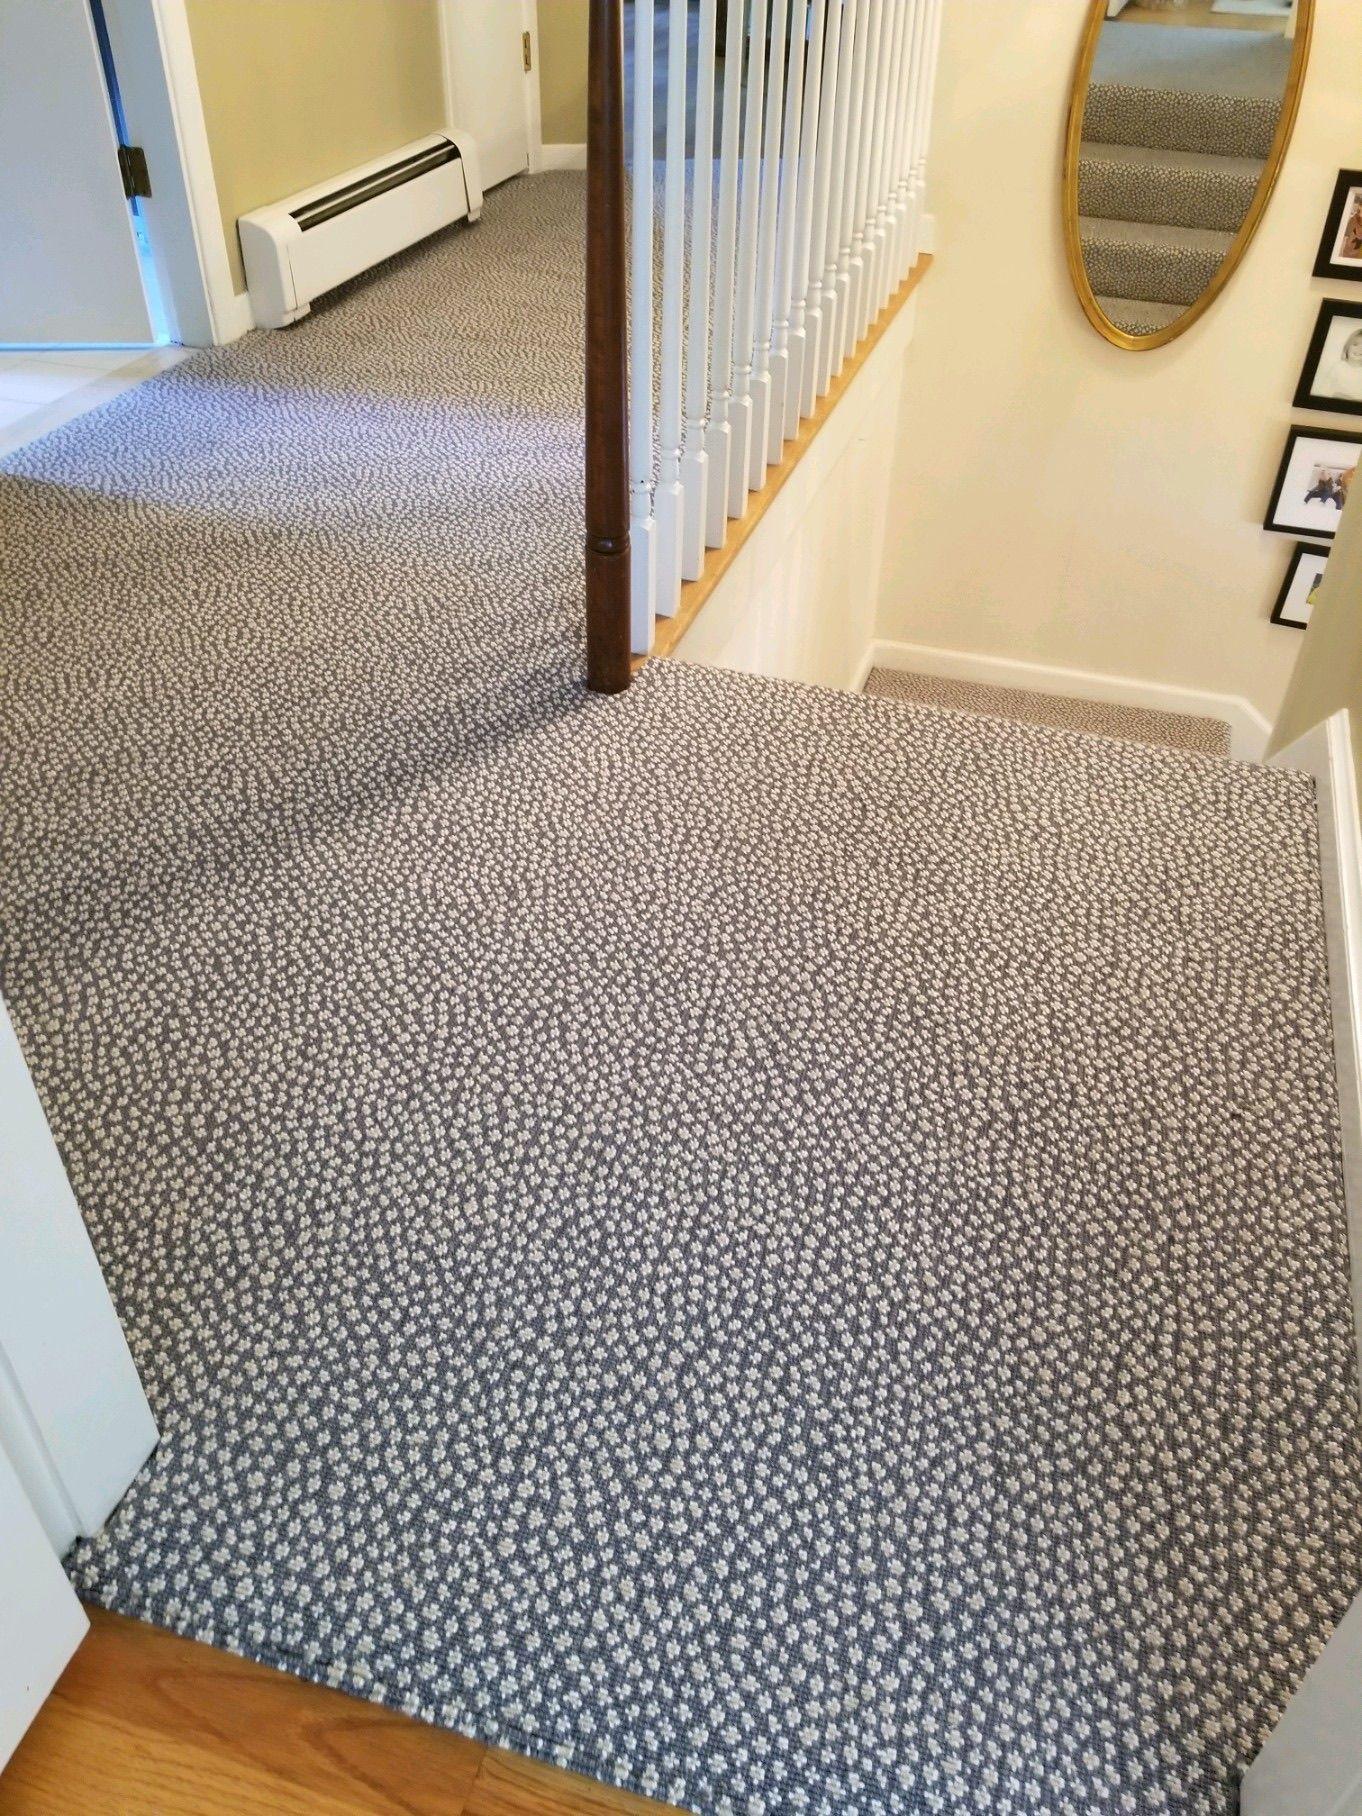 Rosecore Mirage Cheetah Print Animal Print Carpet Animal Print Stair Runner Printed Carpet